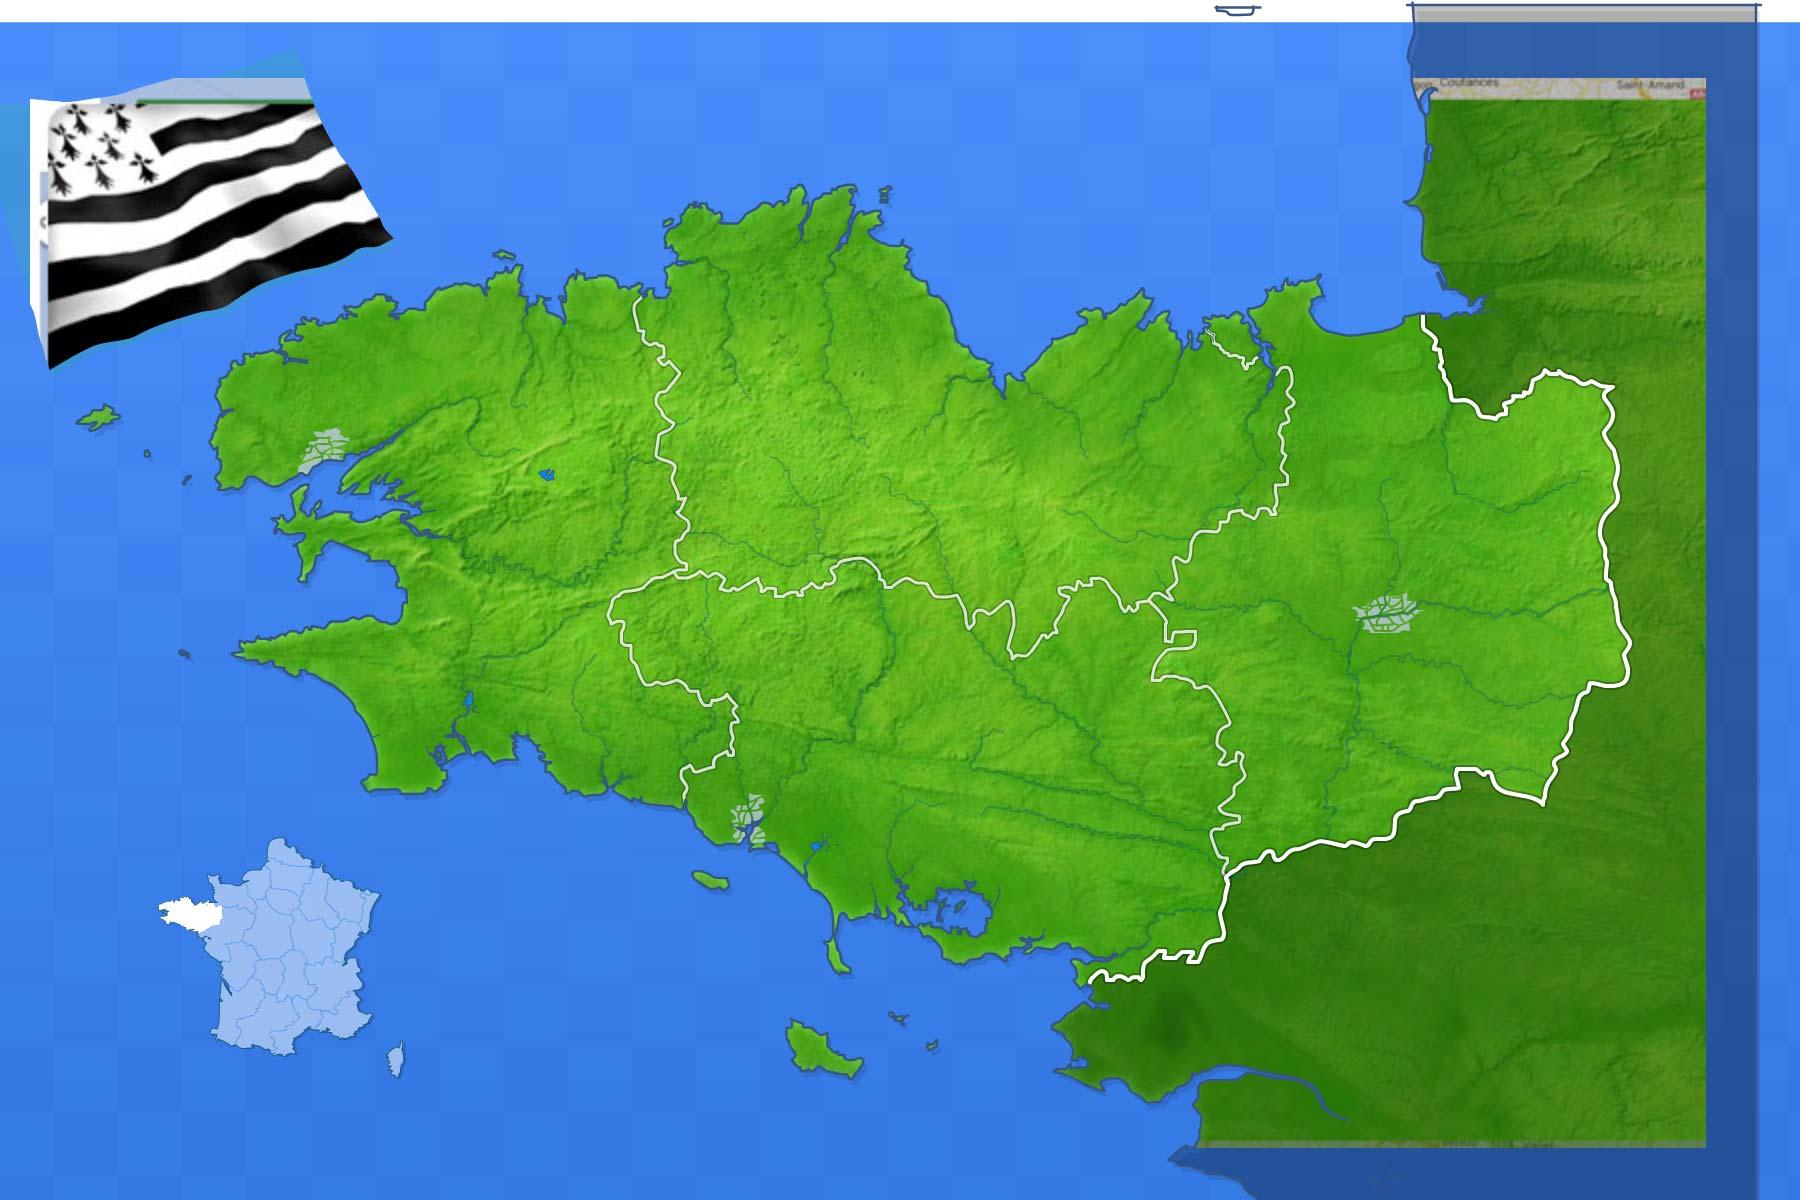 Jeux-Geographiques Jeux Gratuits Villes De Bretagne destiné Jeux De Geographie